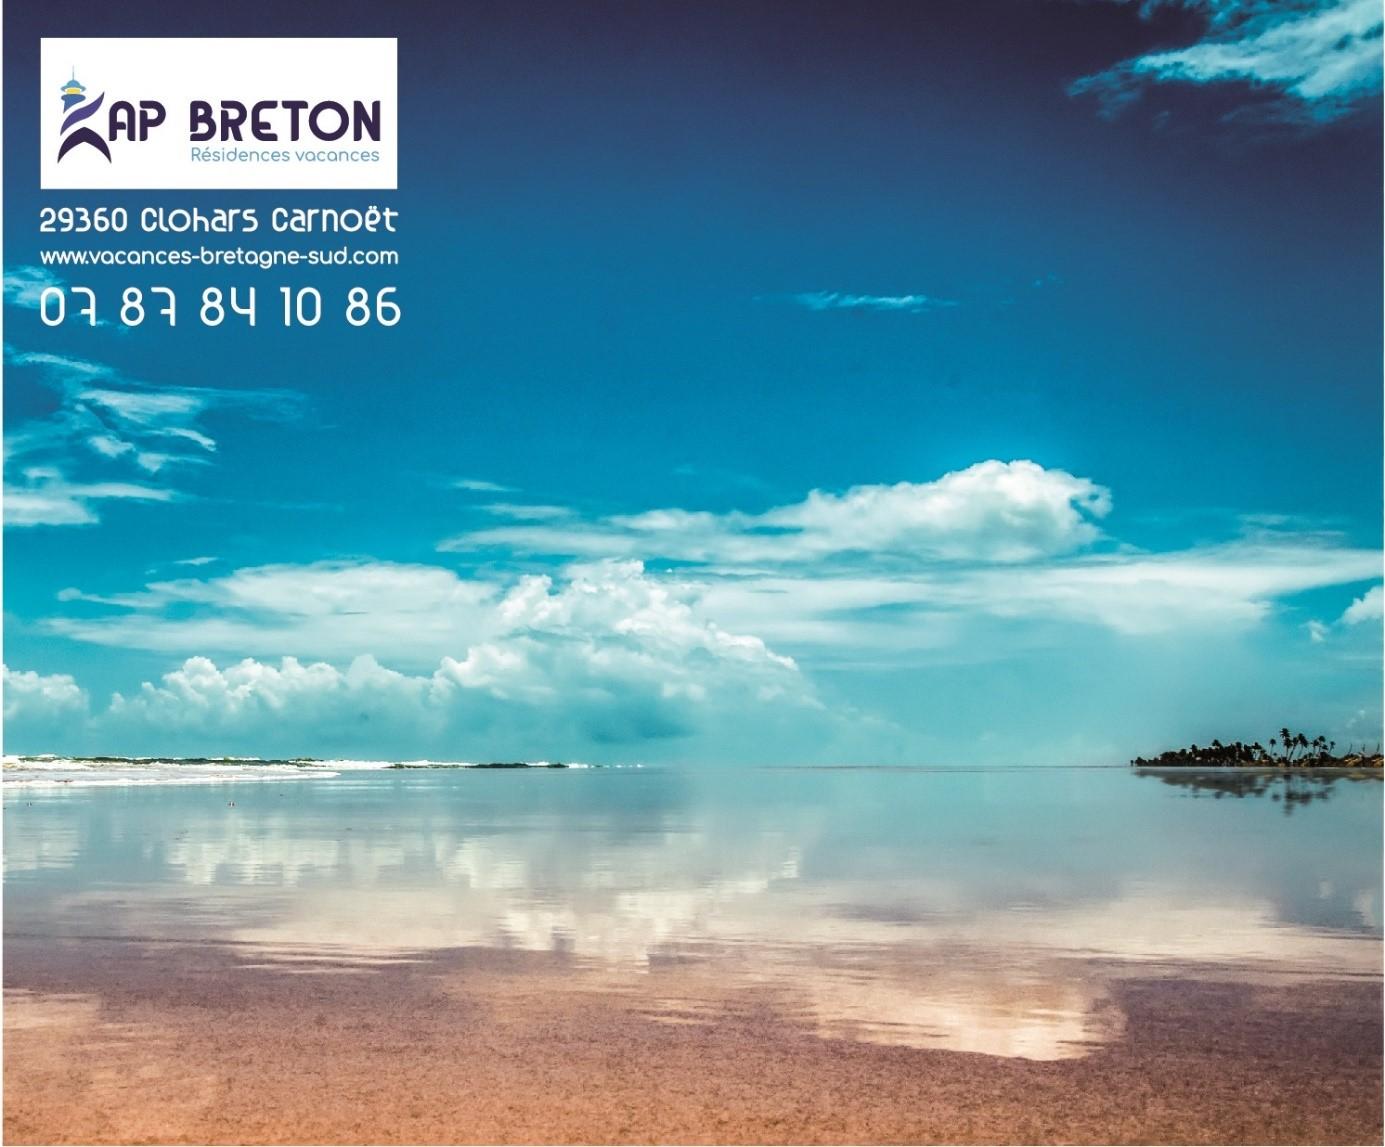 Kap breton vous a créé un endroit avec un décor où vous pourrez prendre vos photos, selfies …. Votre coin Instagram!